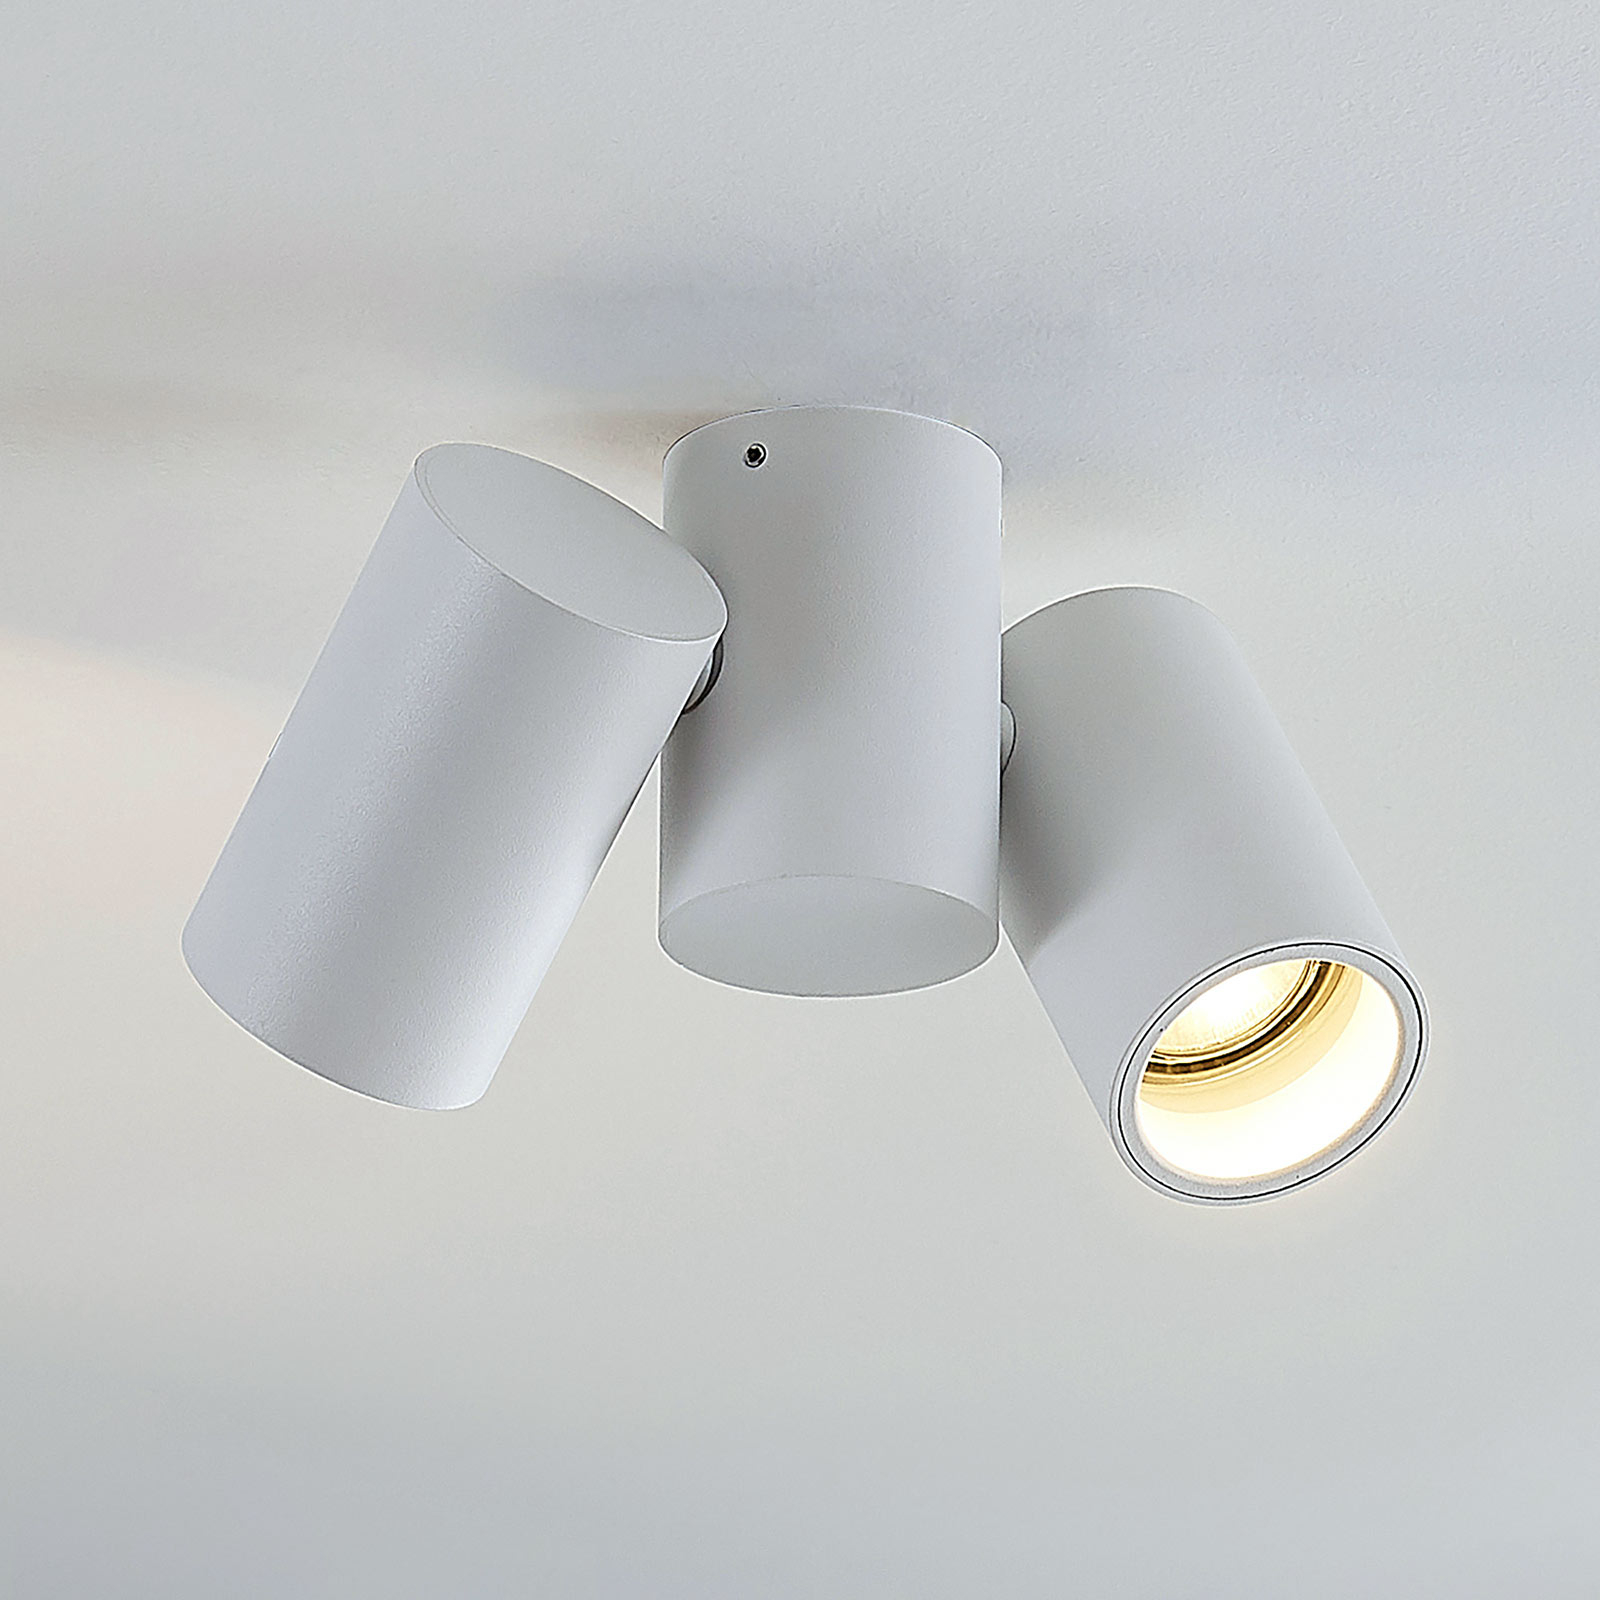 Plafondlamp Gesina, twee lampjes, wit